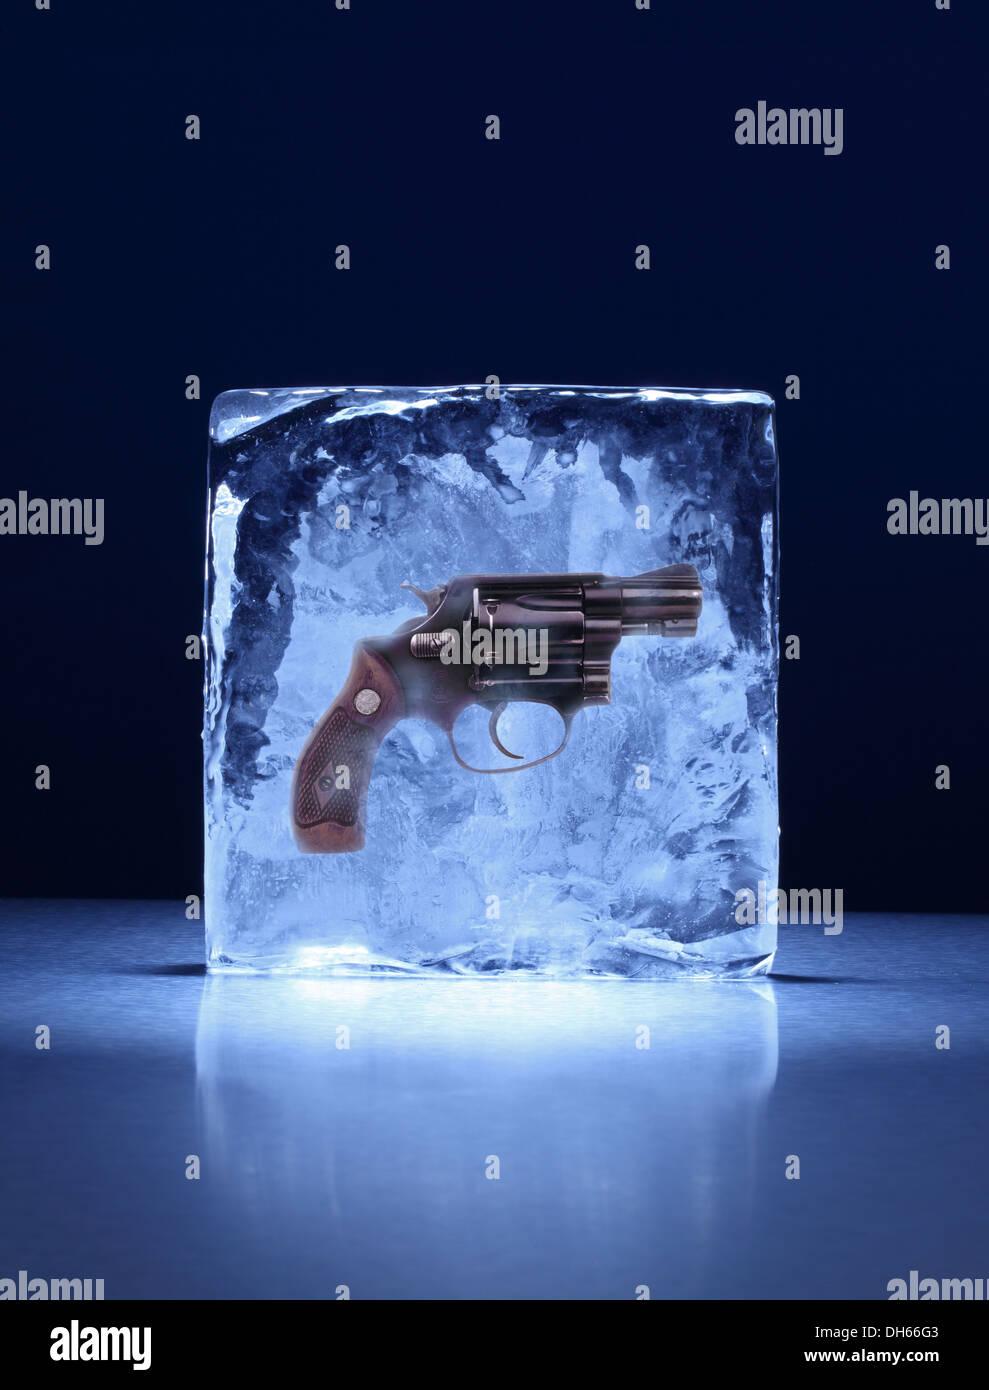 Una pistola congelati in un chiaro blocco di ghiaccio Immagini Stock